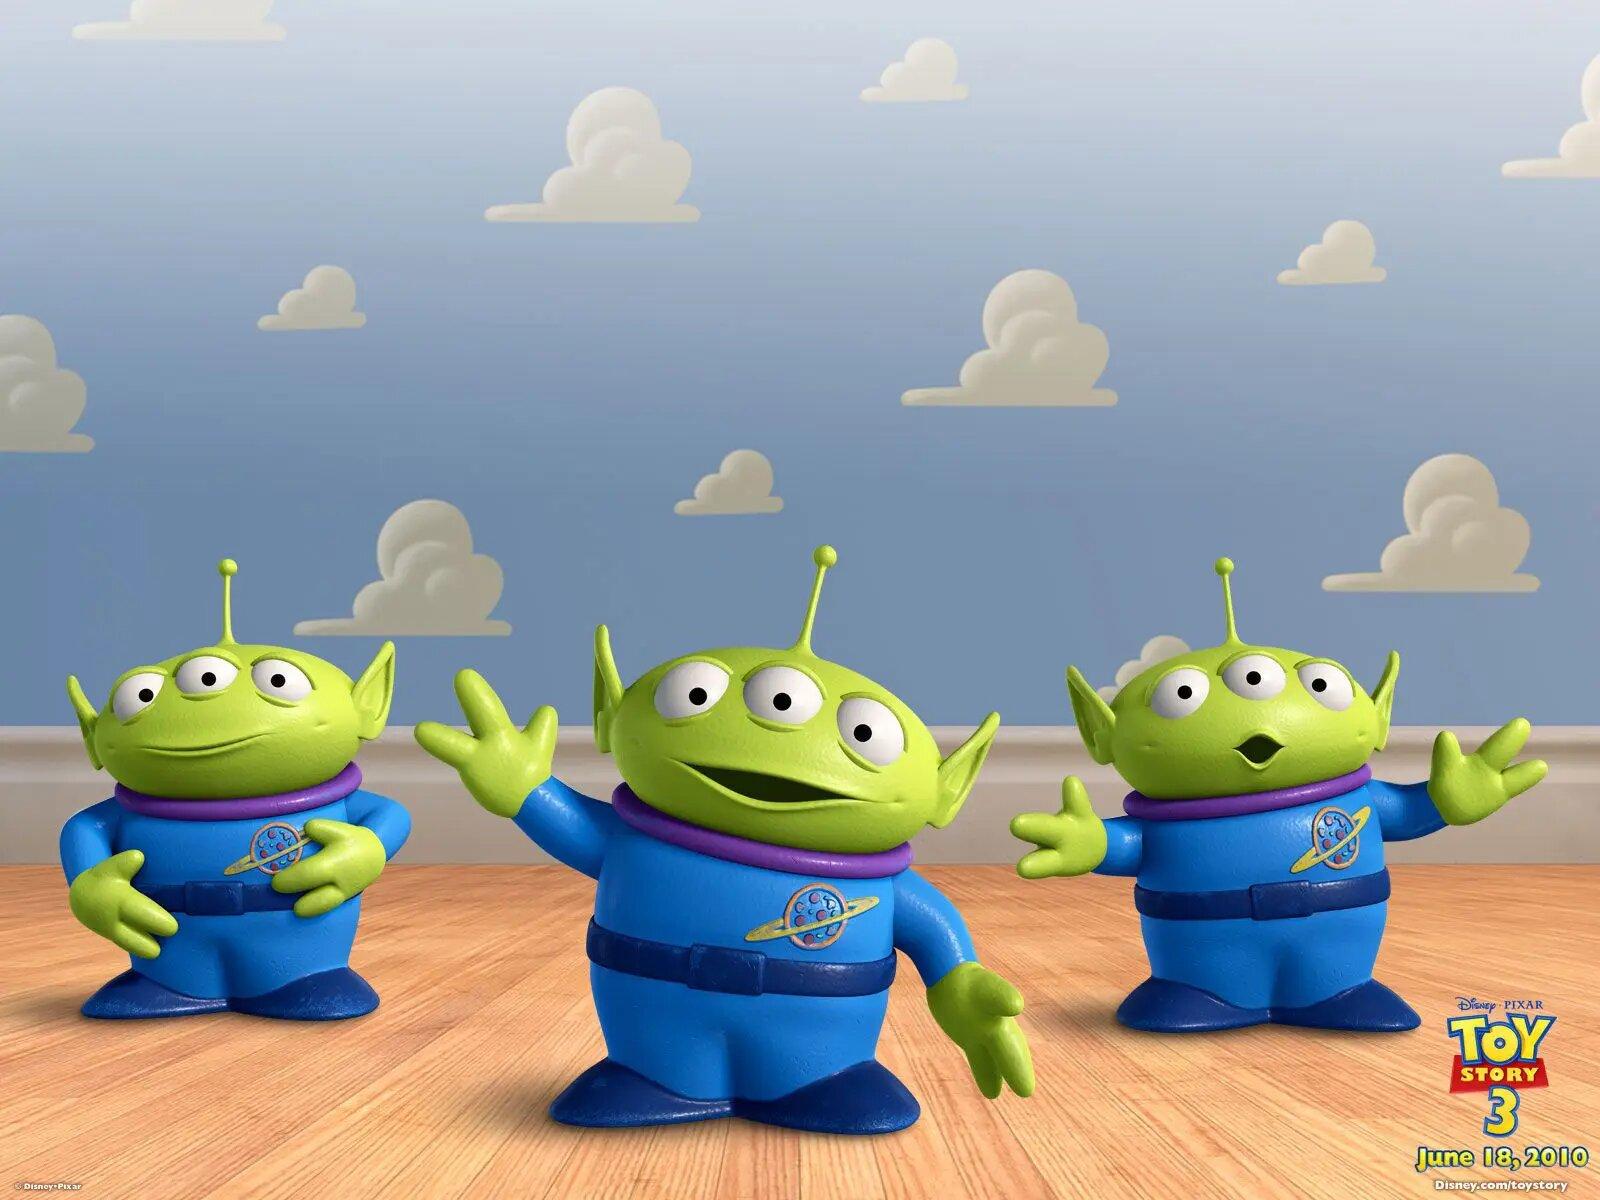 Las voces de los pequeños extraterrestres de Toy Story 1, fue hecha por el propio director de la película, John Laster, quien se negó a utilizar laboratorios de edición y prefirió aspirar helio para lograr temporalmente la voz de los alienigenas.